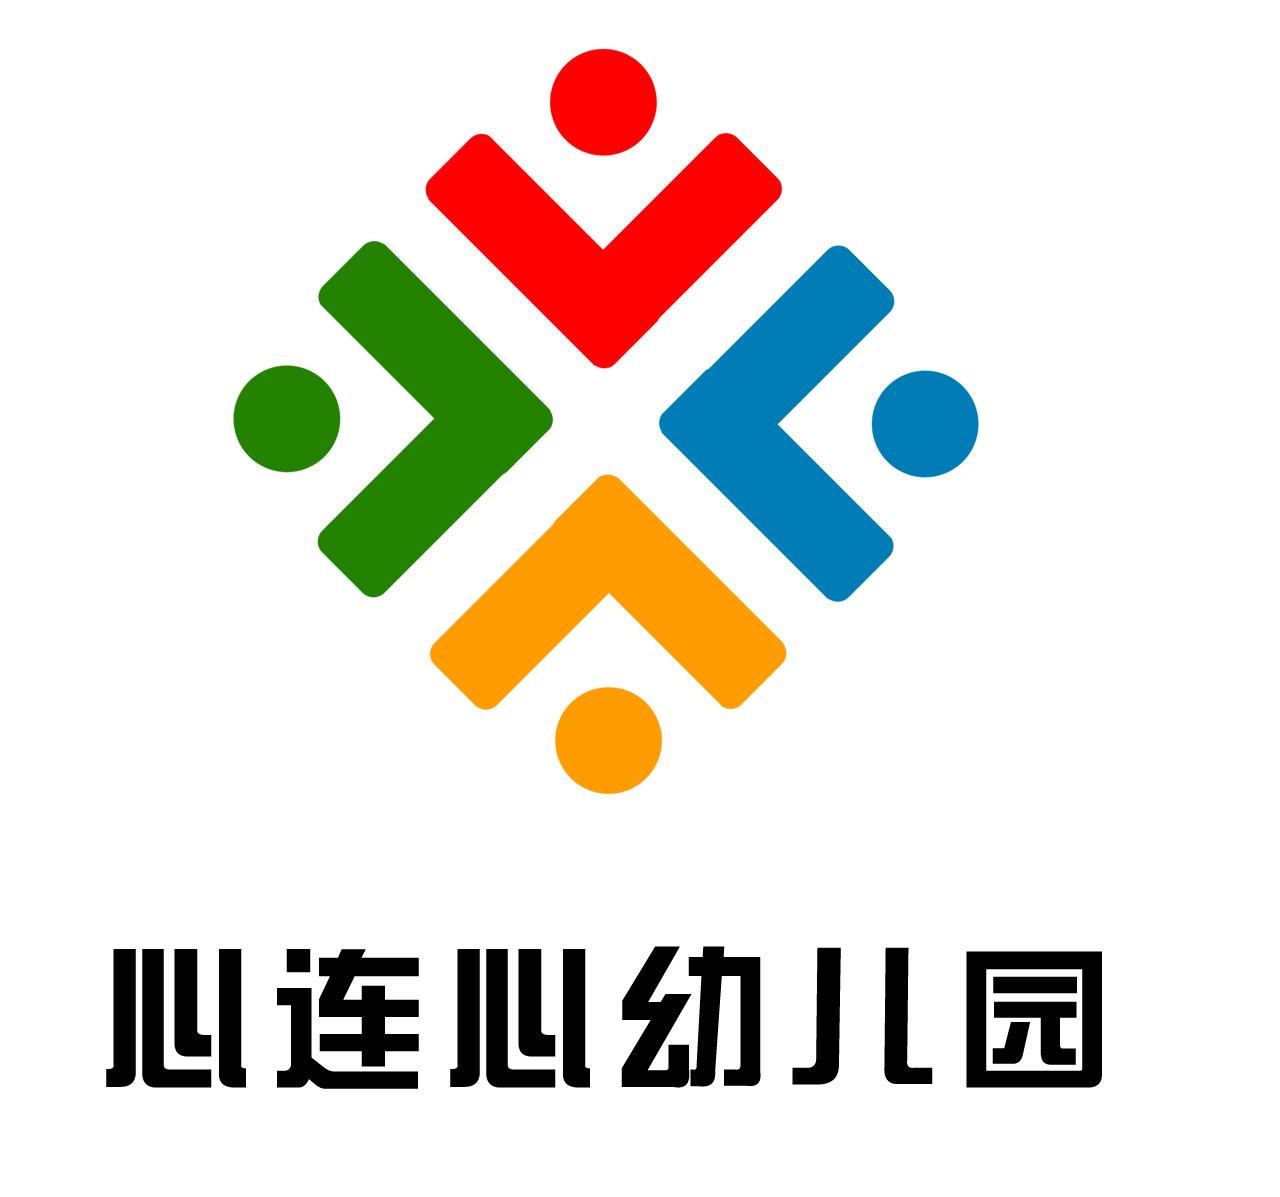 幼儿园logo设计图片_